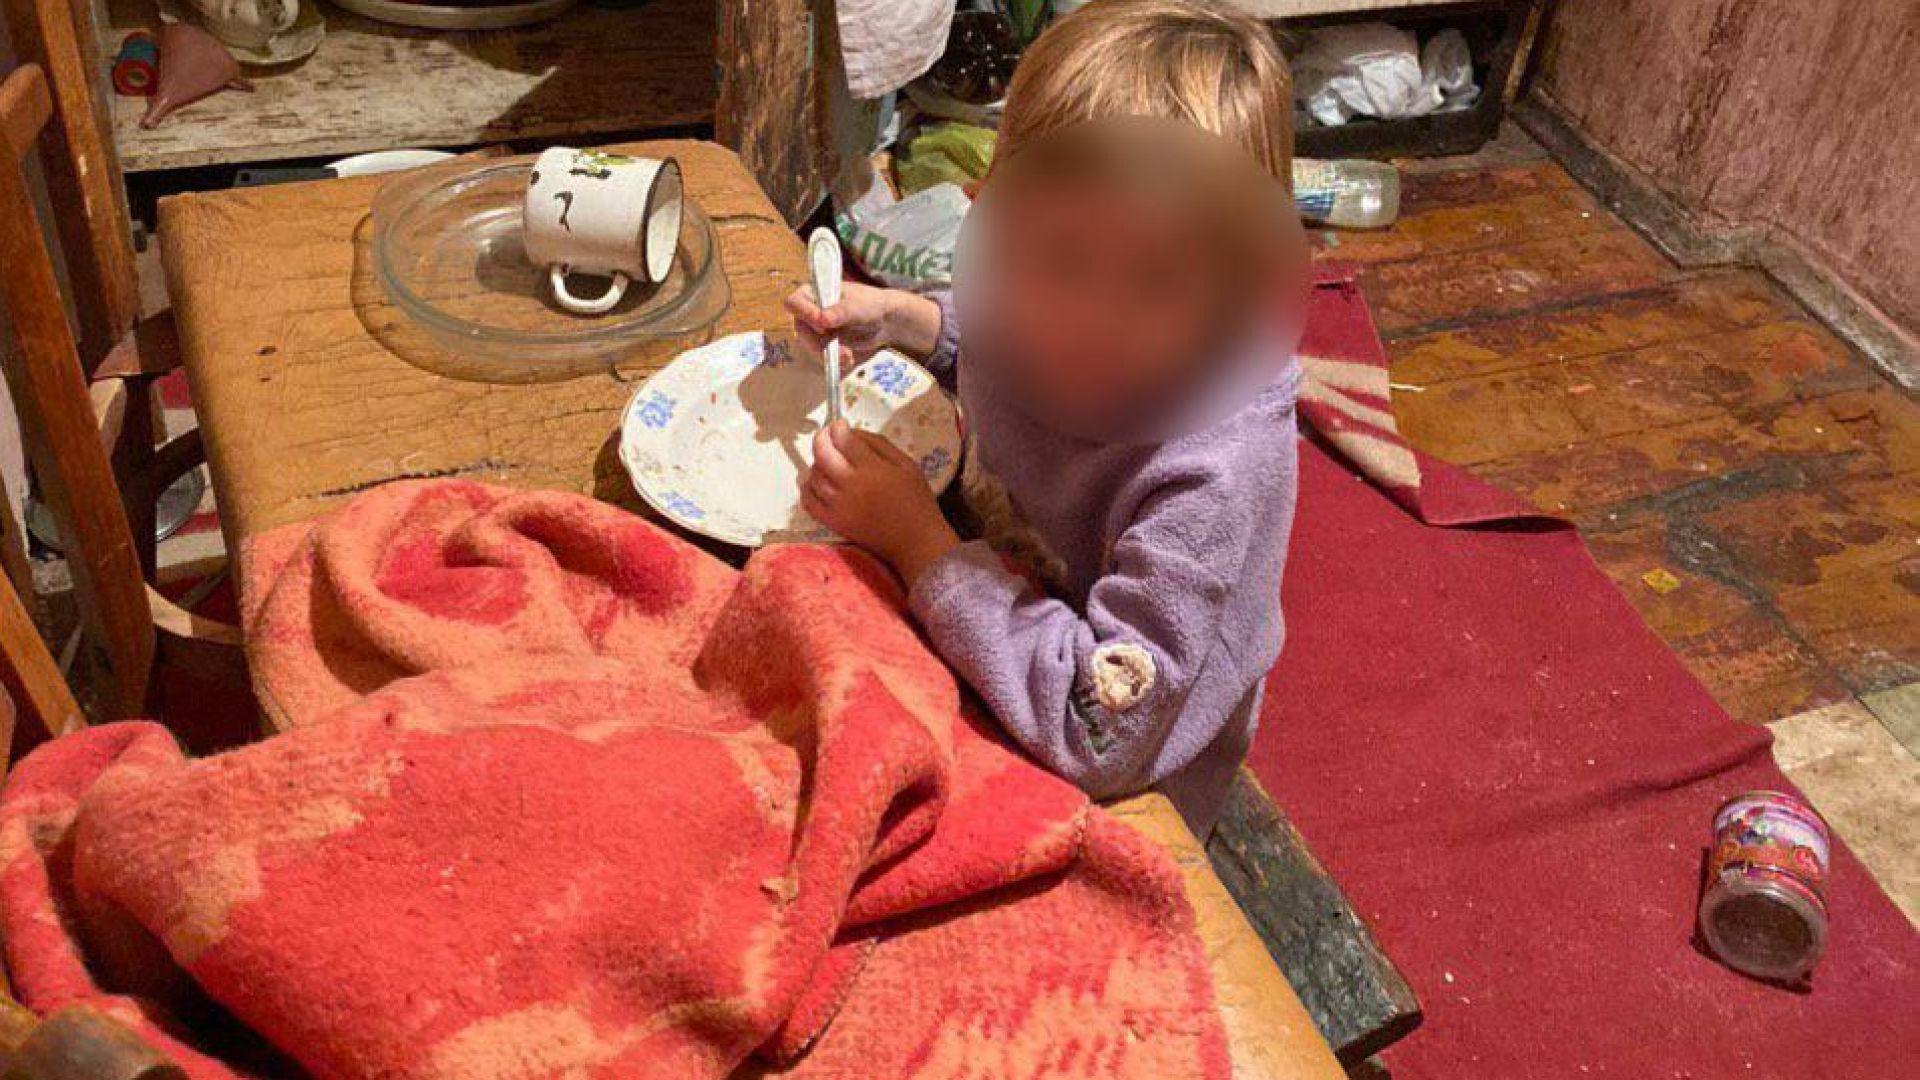 Къща на ужасите в Украйна: Деца ядат хартия и стиропор, за да оцелеят (снимки)